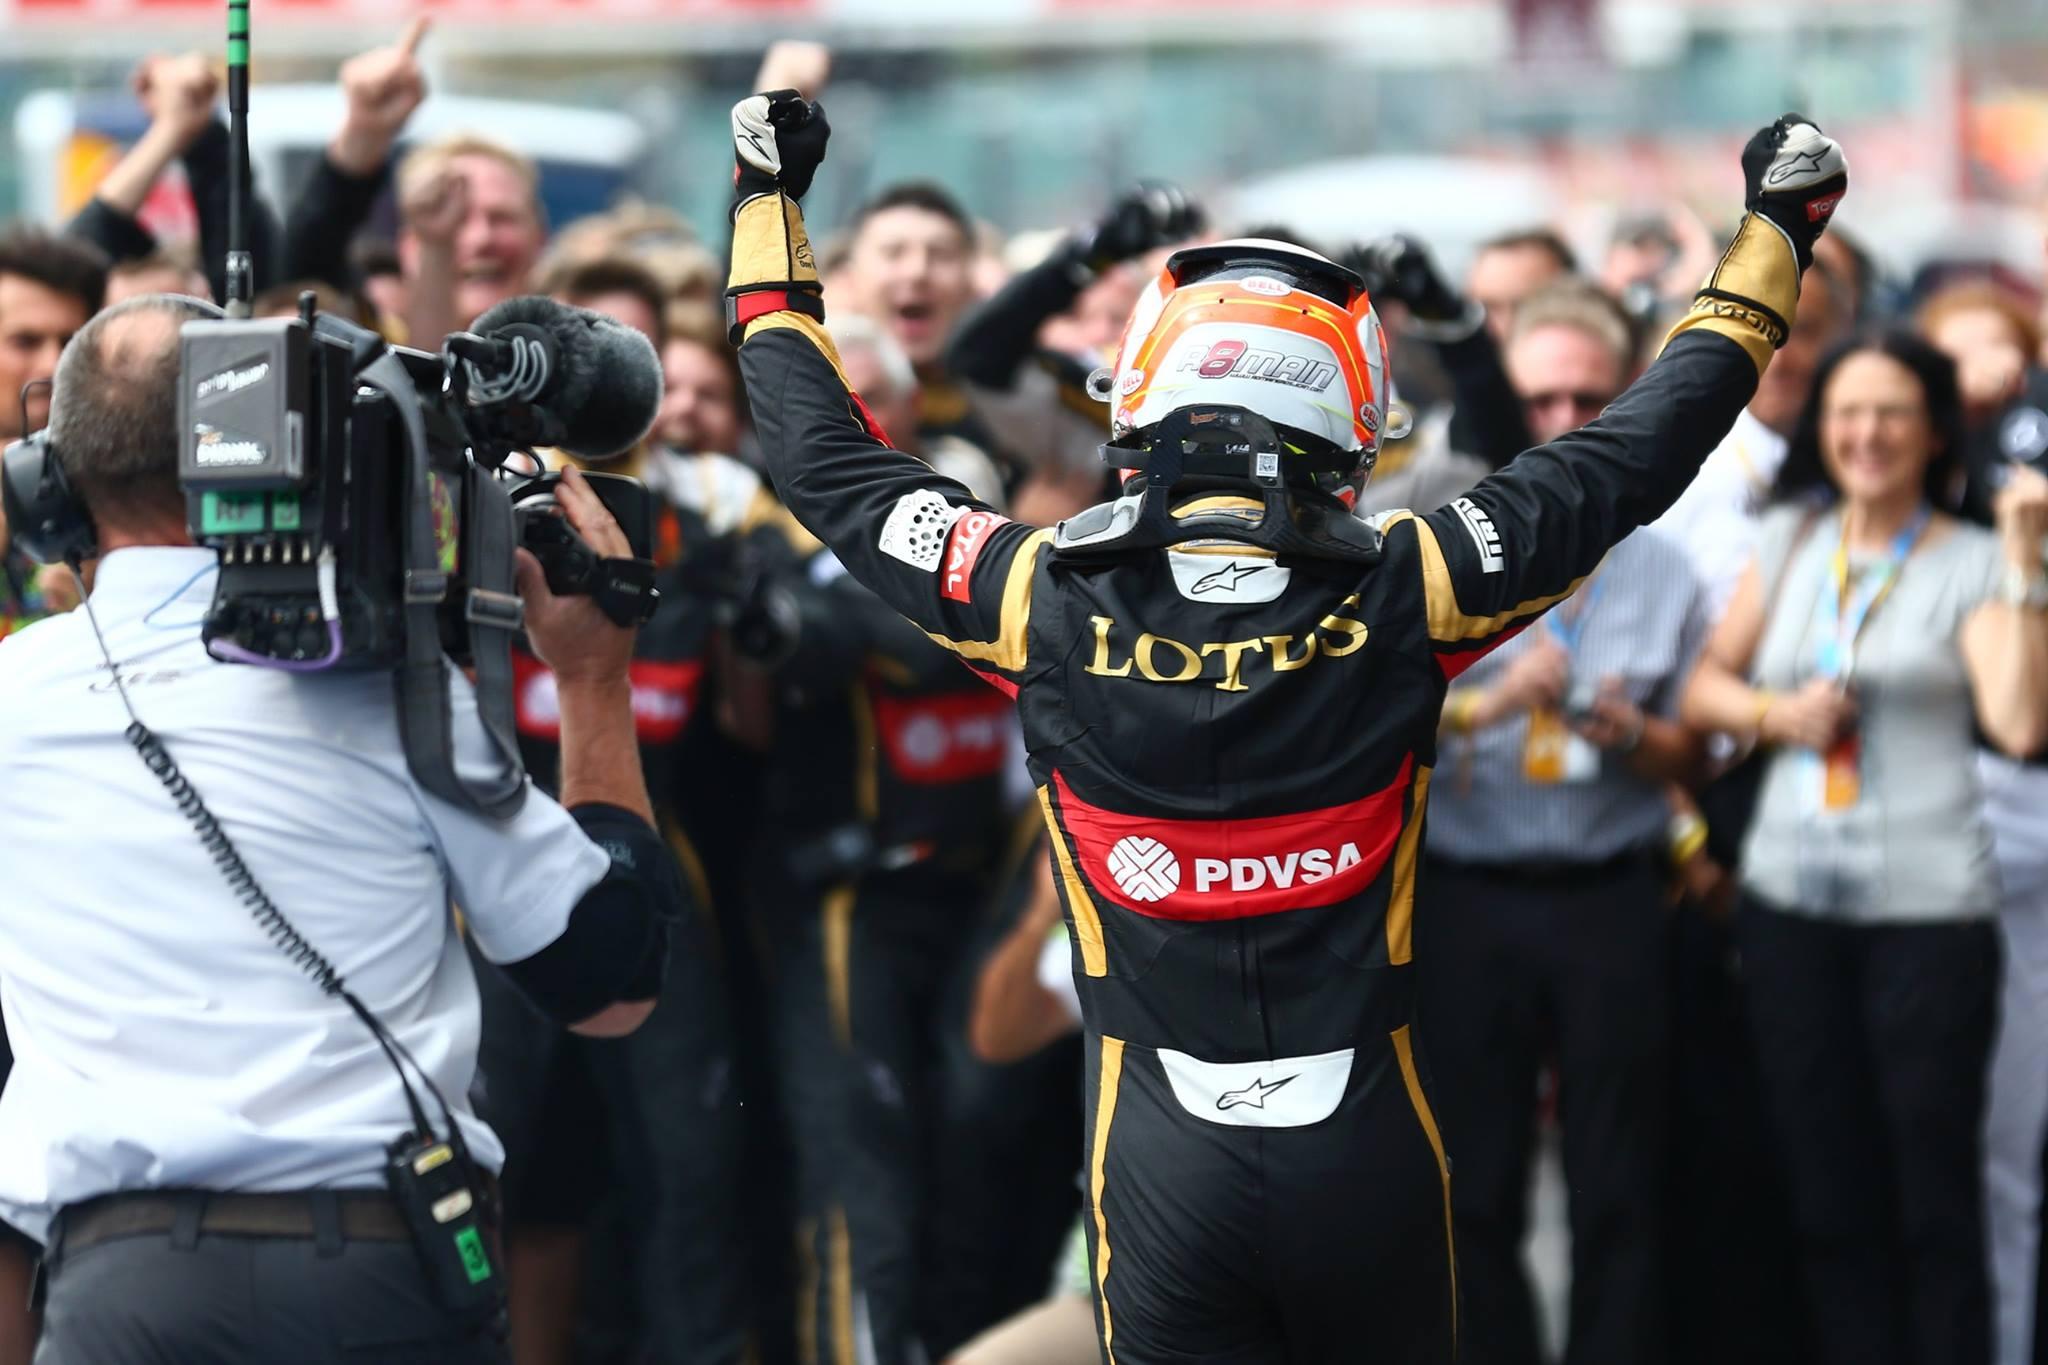 Belle surprise pour Lotus: Romain Grosjean retrouve les joies du podium !